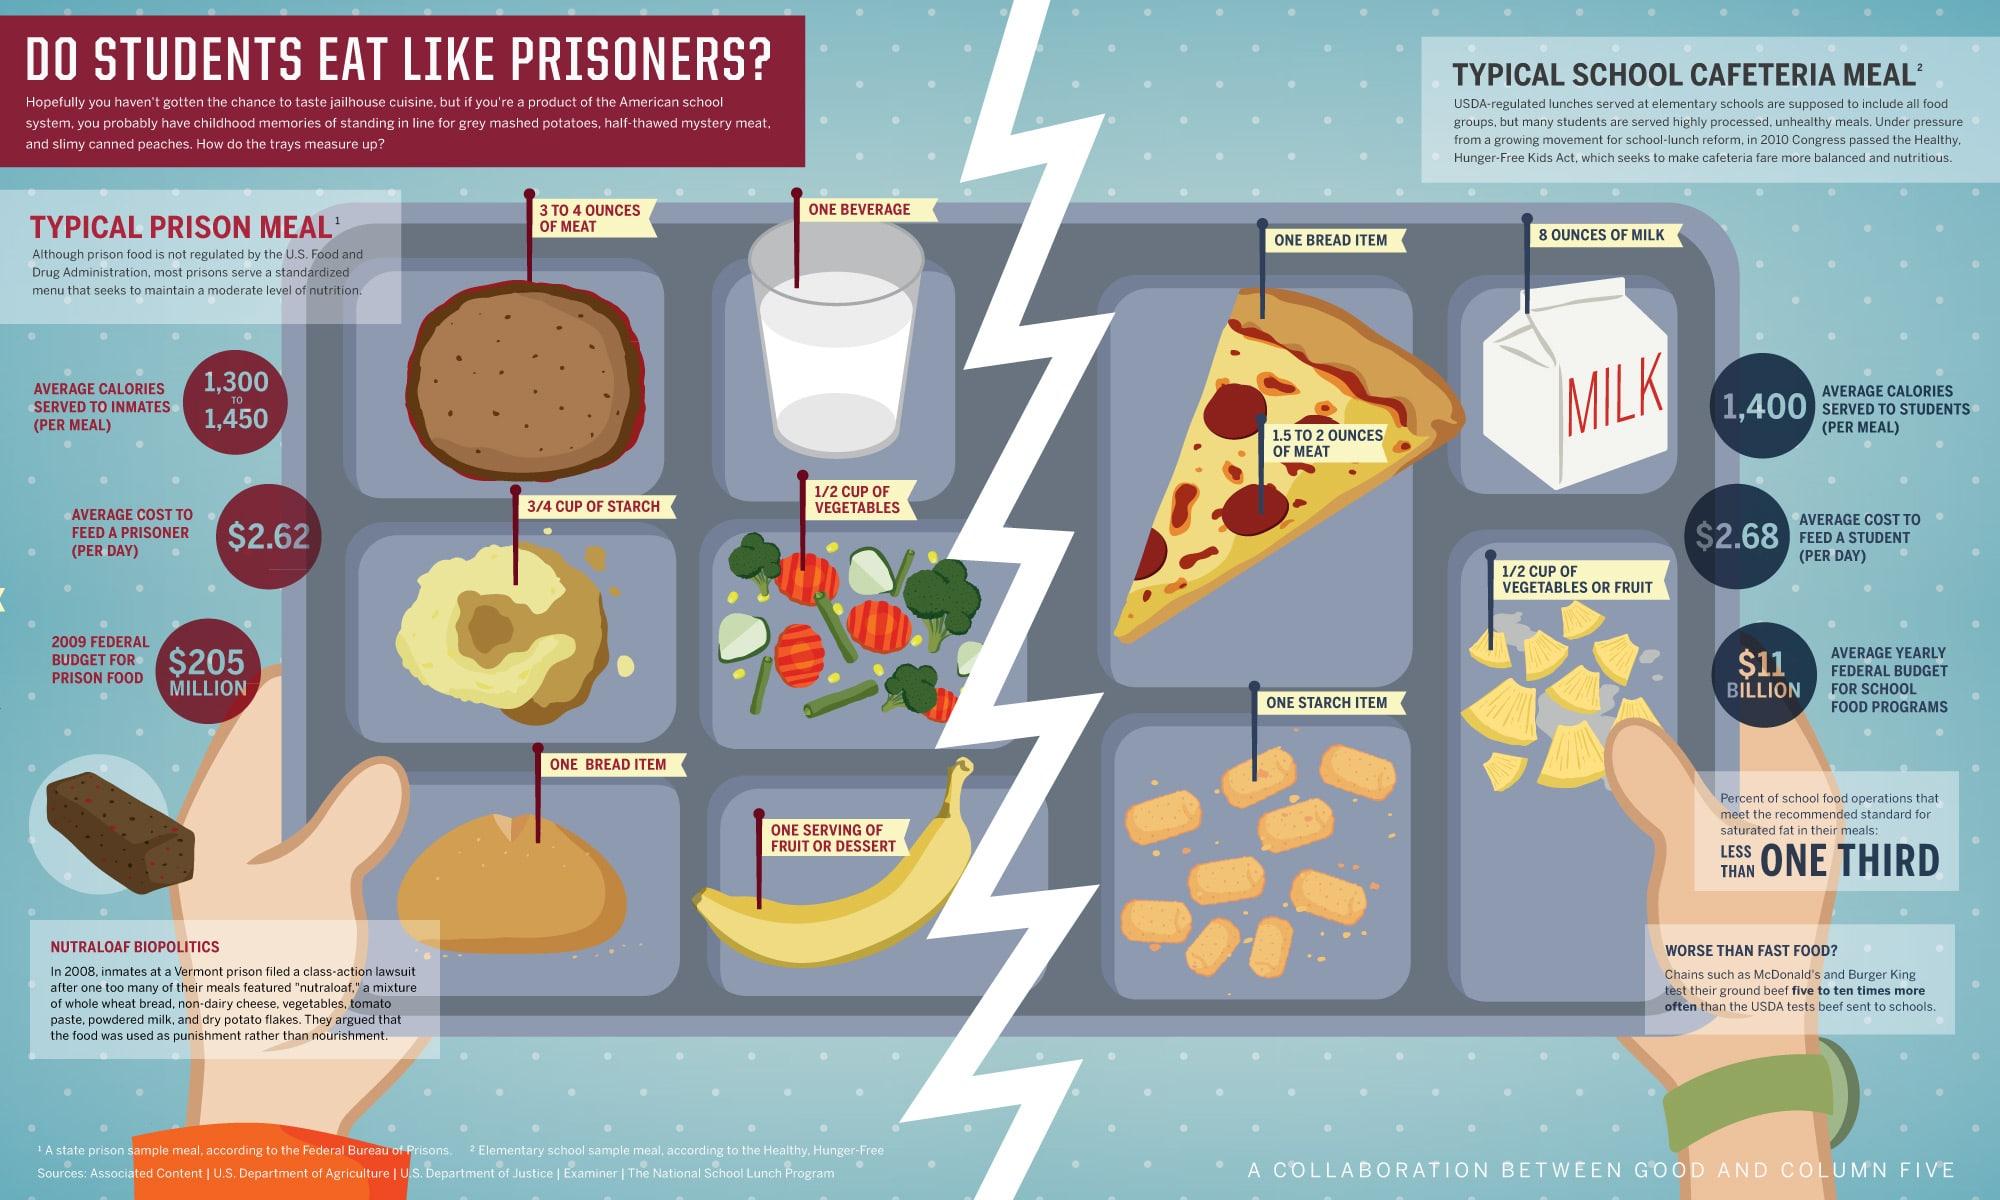 Prison vs. School Food: Likeness You Won't Believe